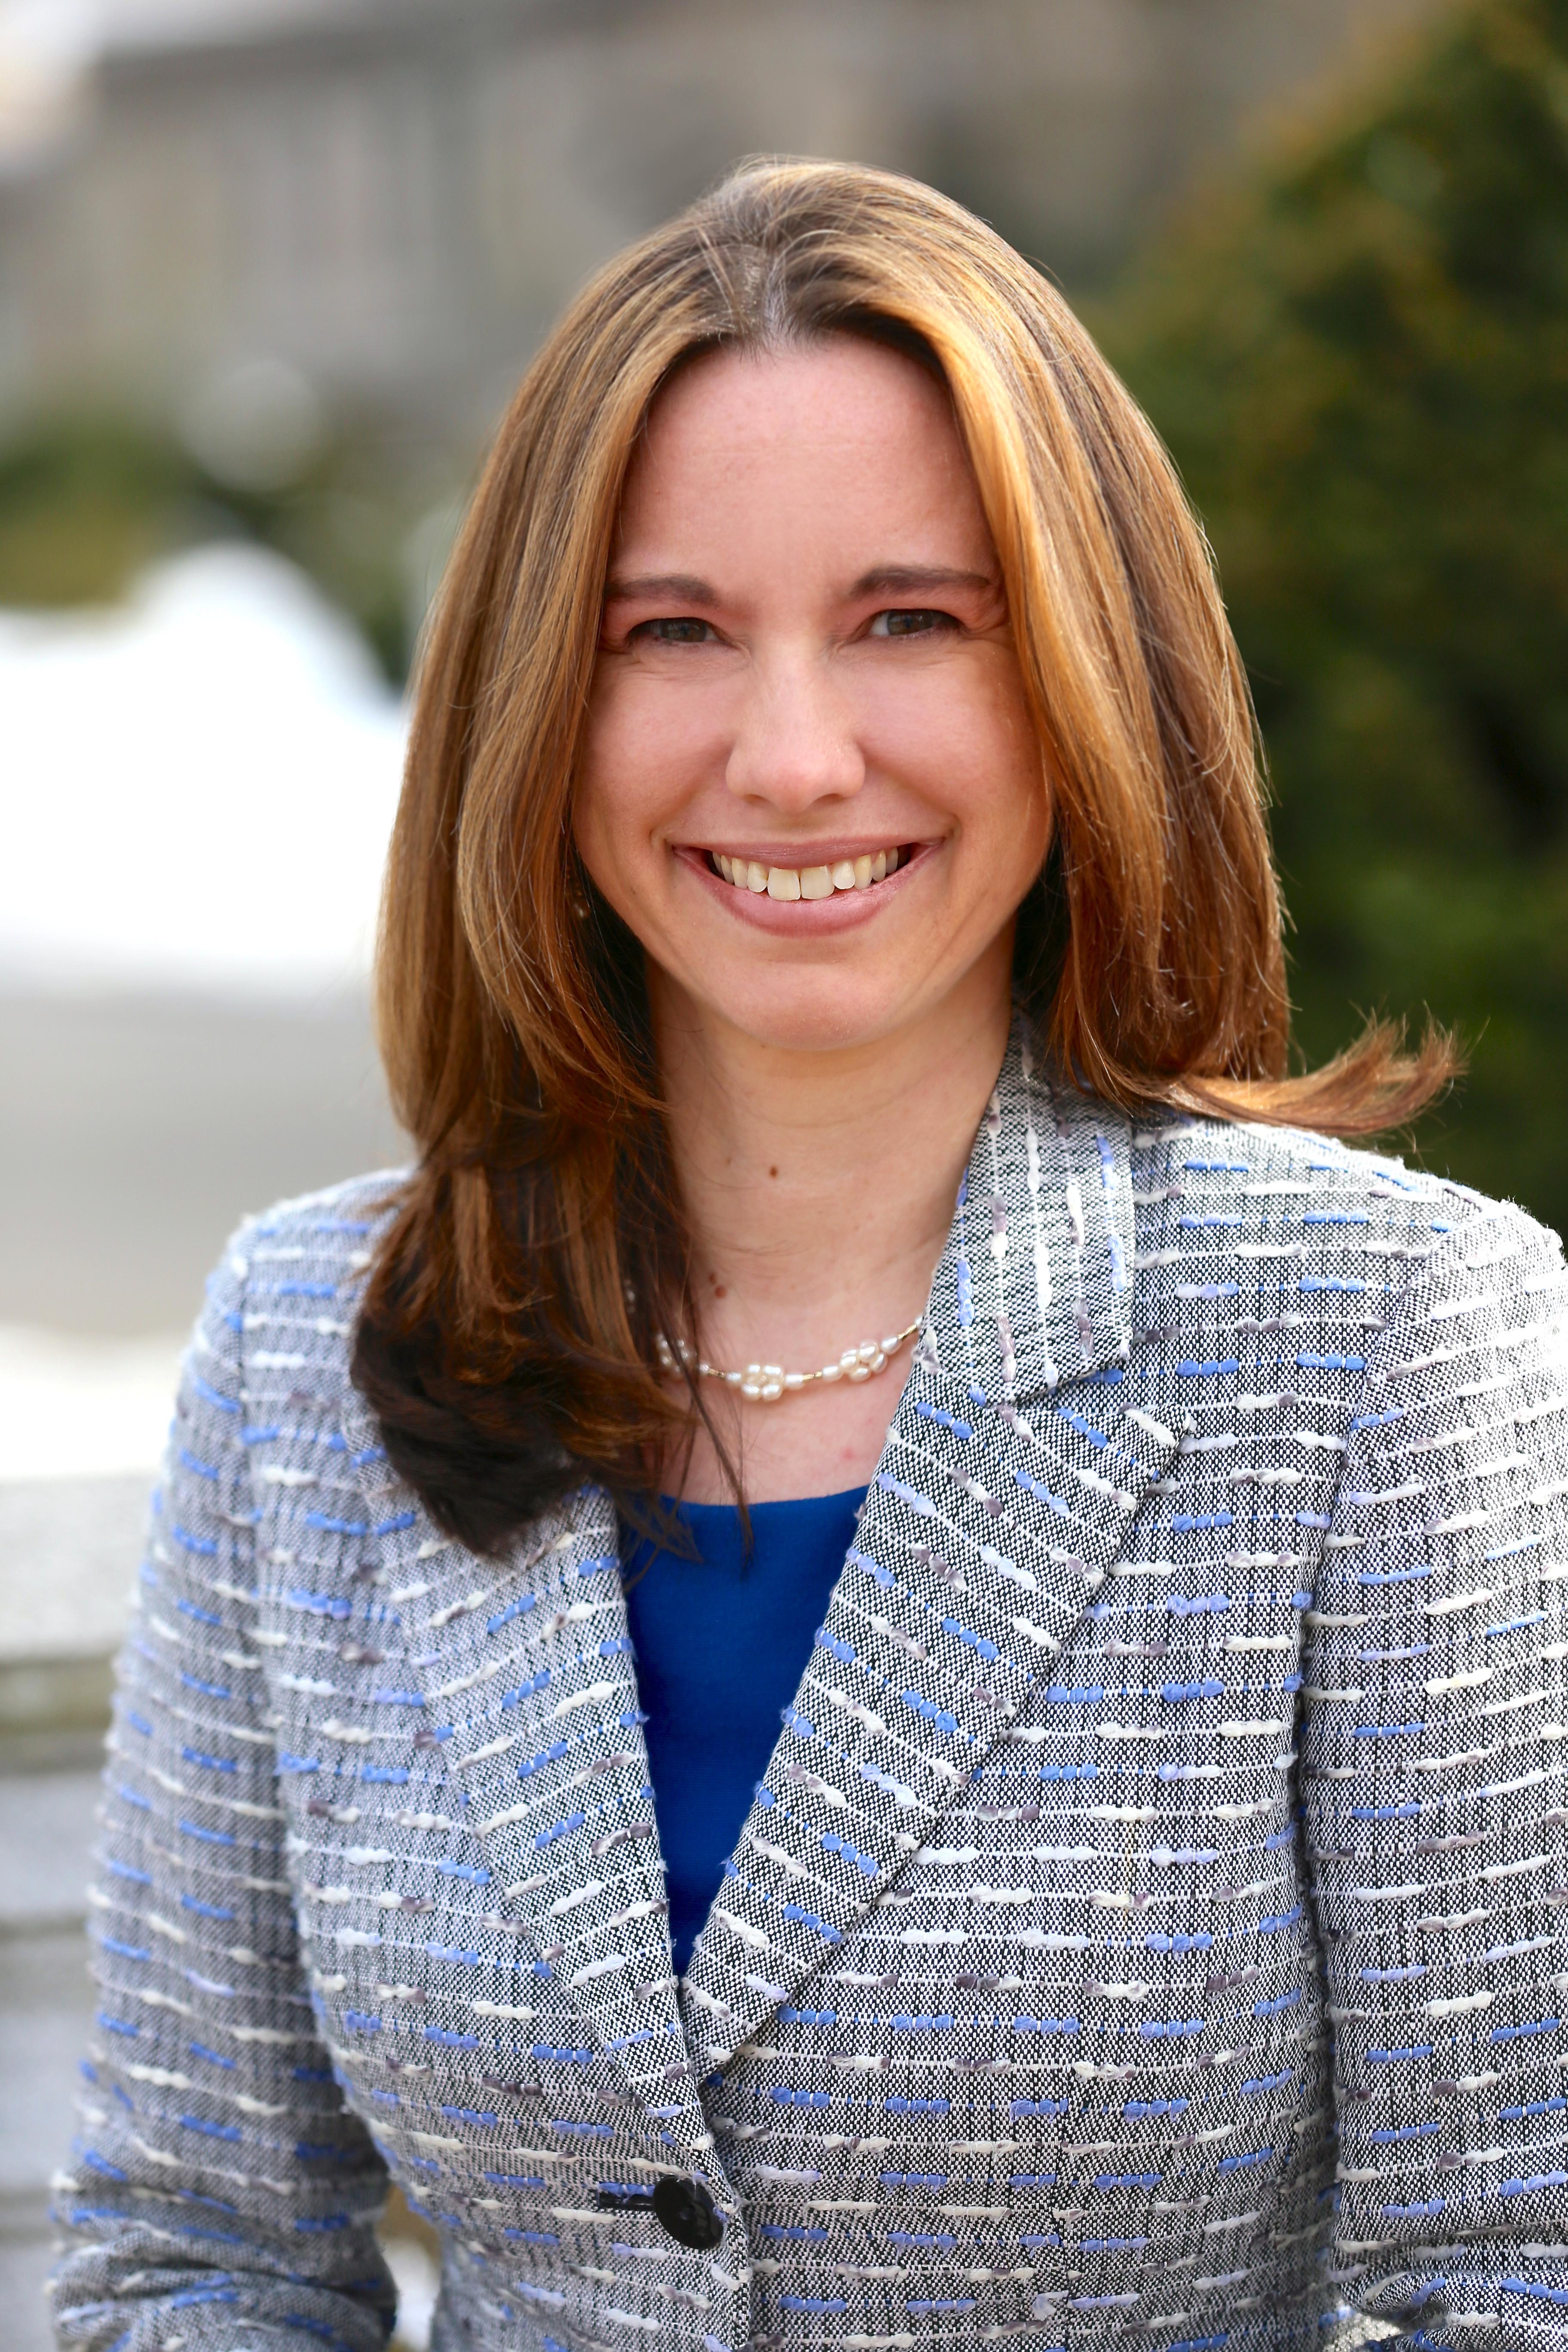 Stacey Gunderman